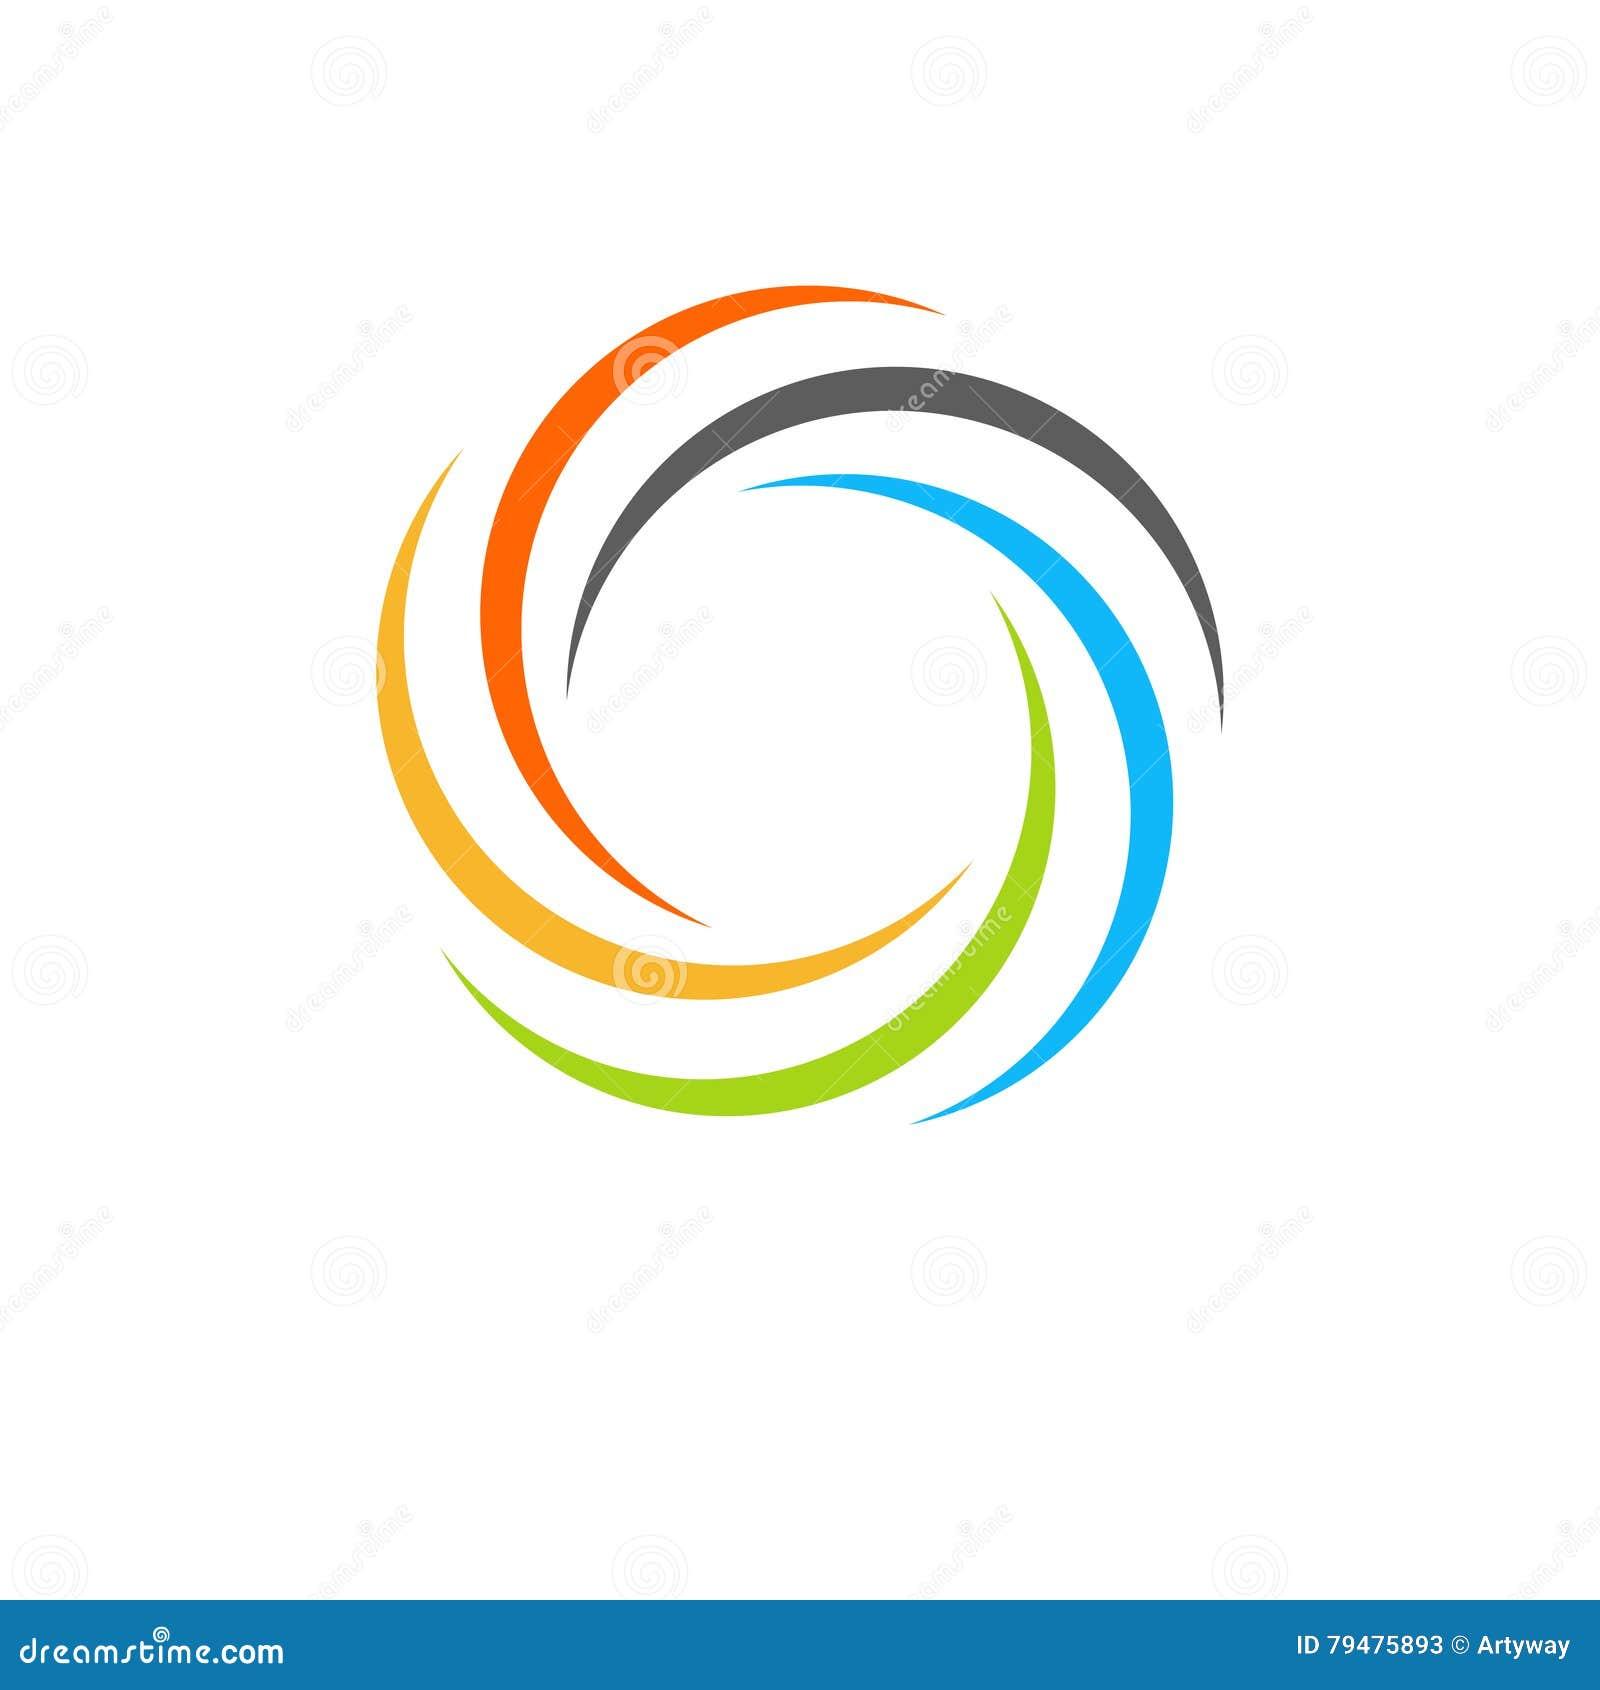 Geïsoleerd abstract kleurrijk cirkelzonembleem Ronde vormregenboog logotype Werveling, tornado en orkaanpictogram Spining